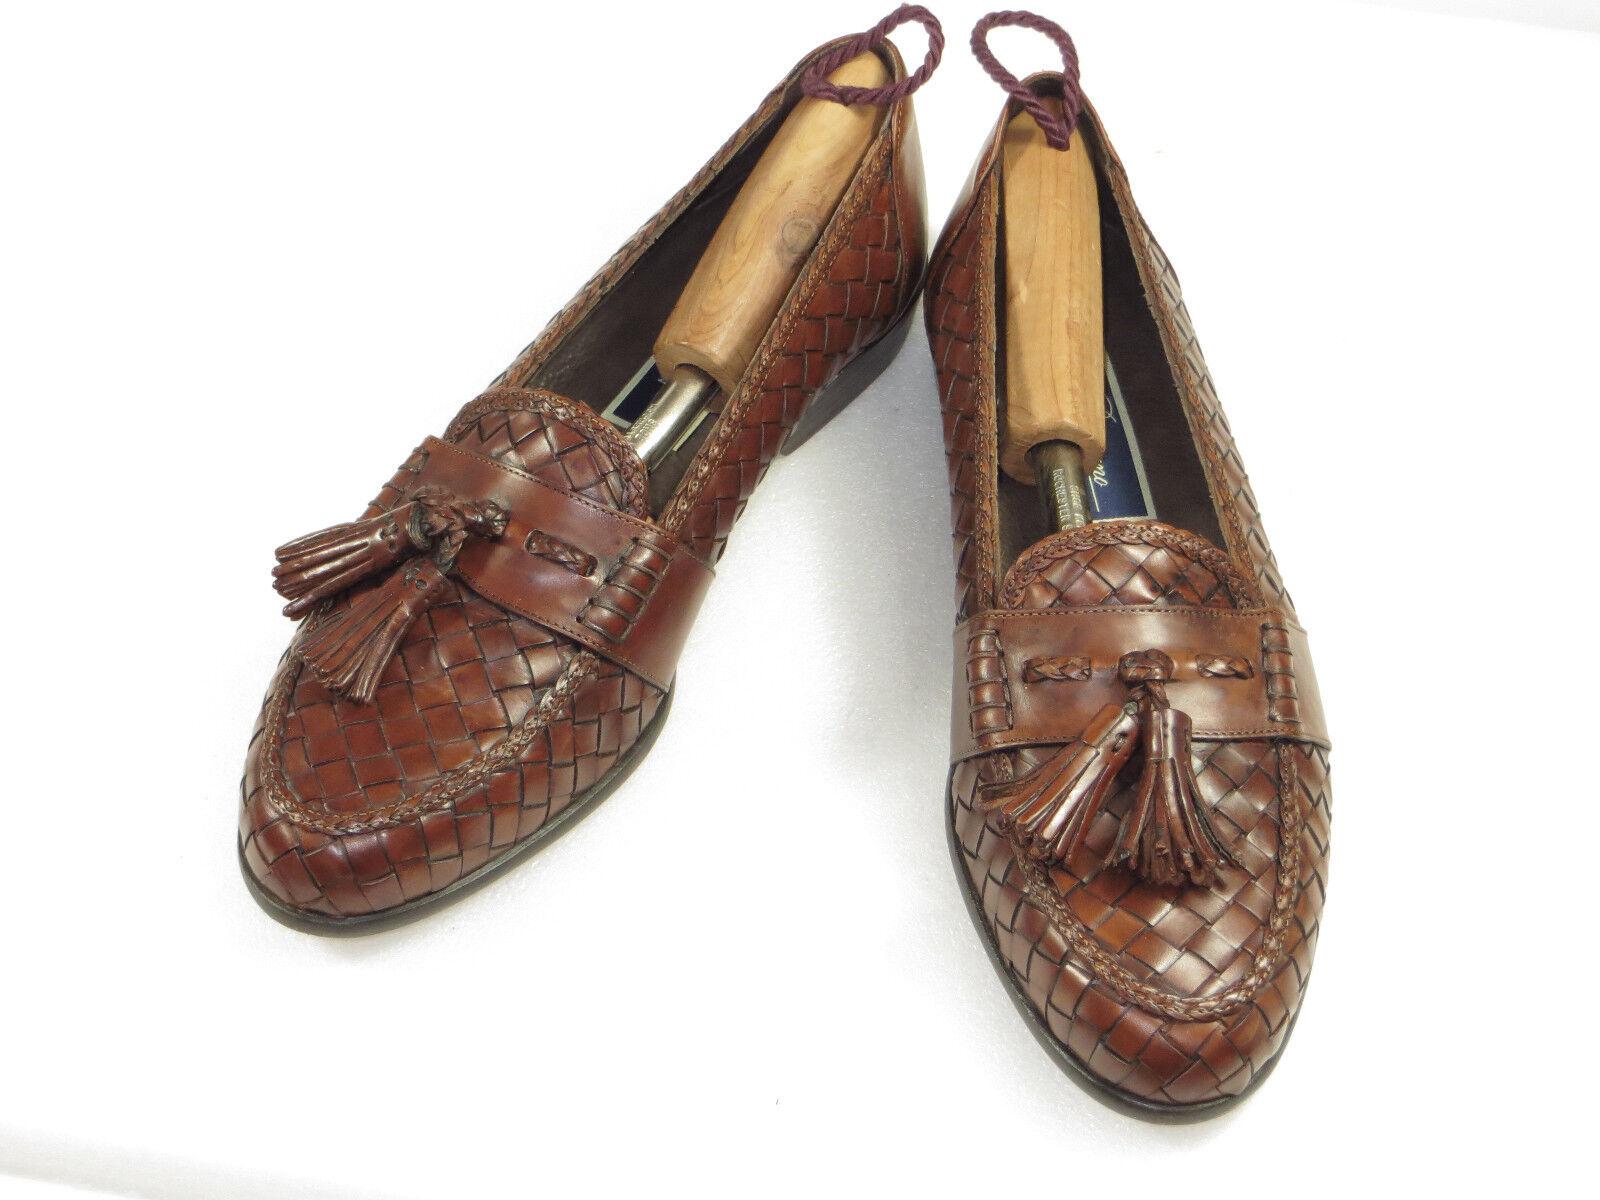 Super  Men's BRAGANO  COLE HAAN  leather weave loafer tassel walk,comfy 9 N